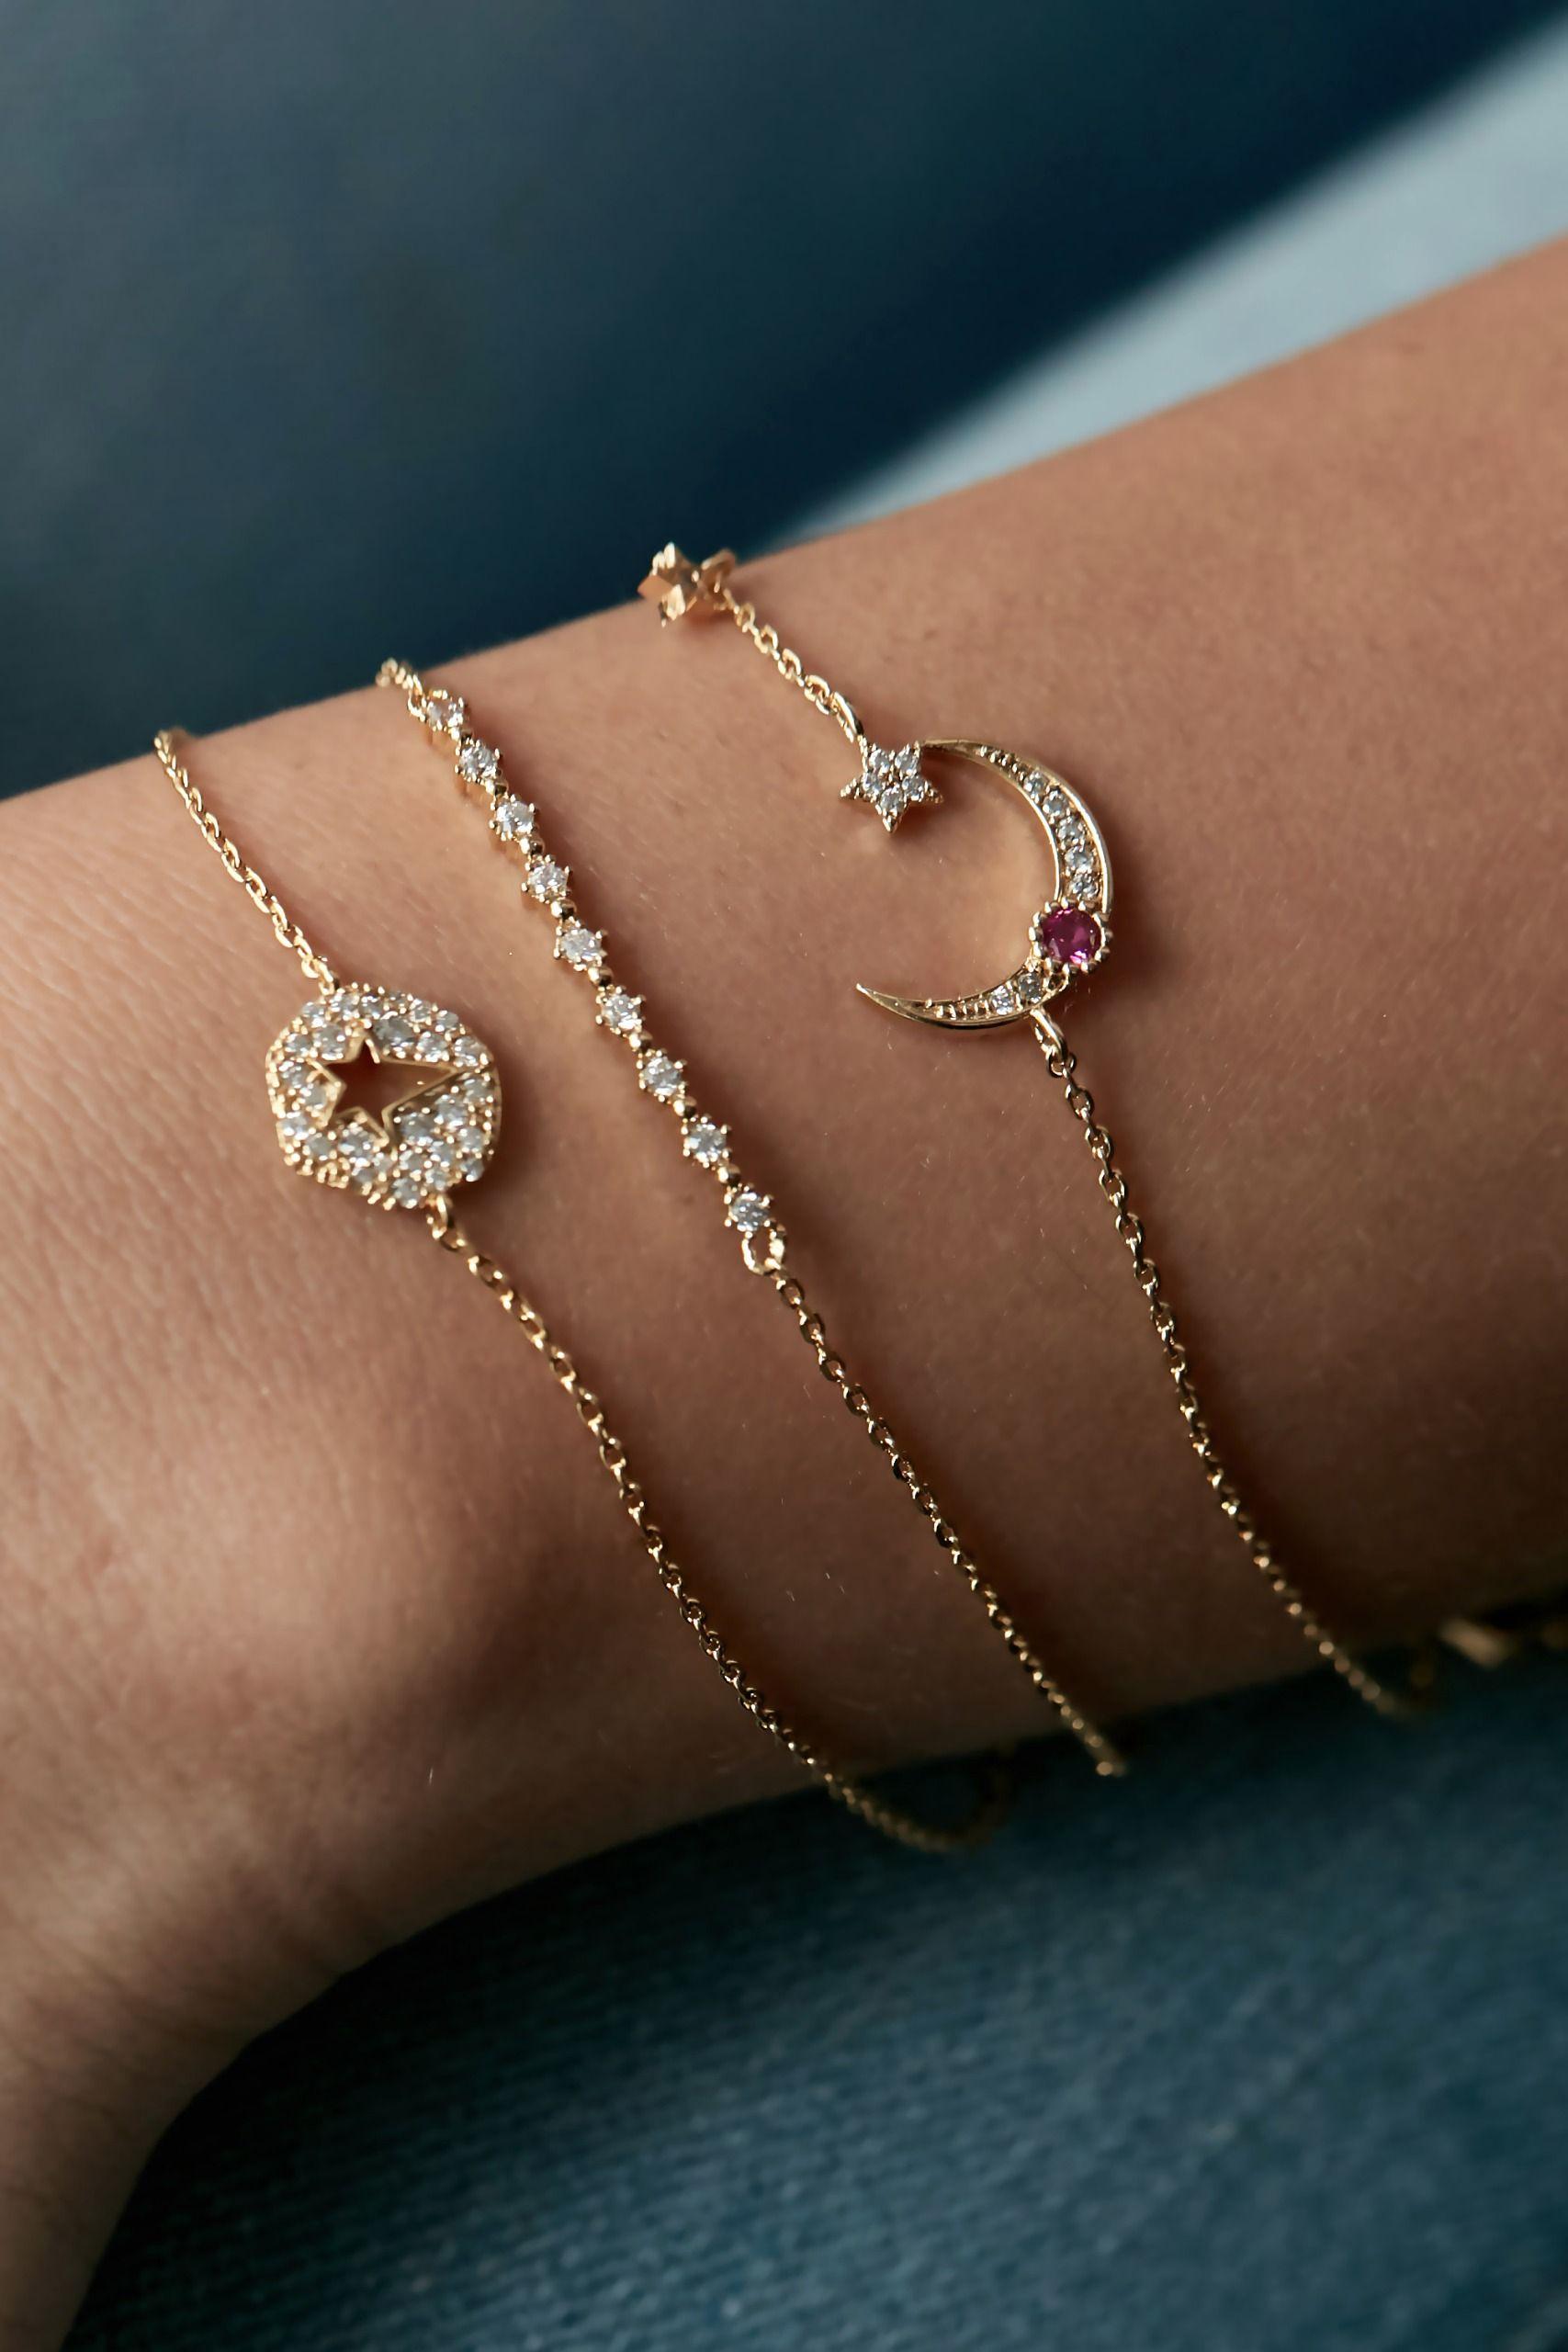 Kacy moon bracelet bracelets crescents and gold